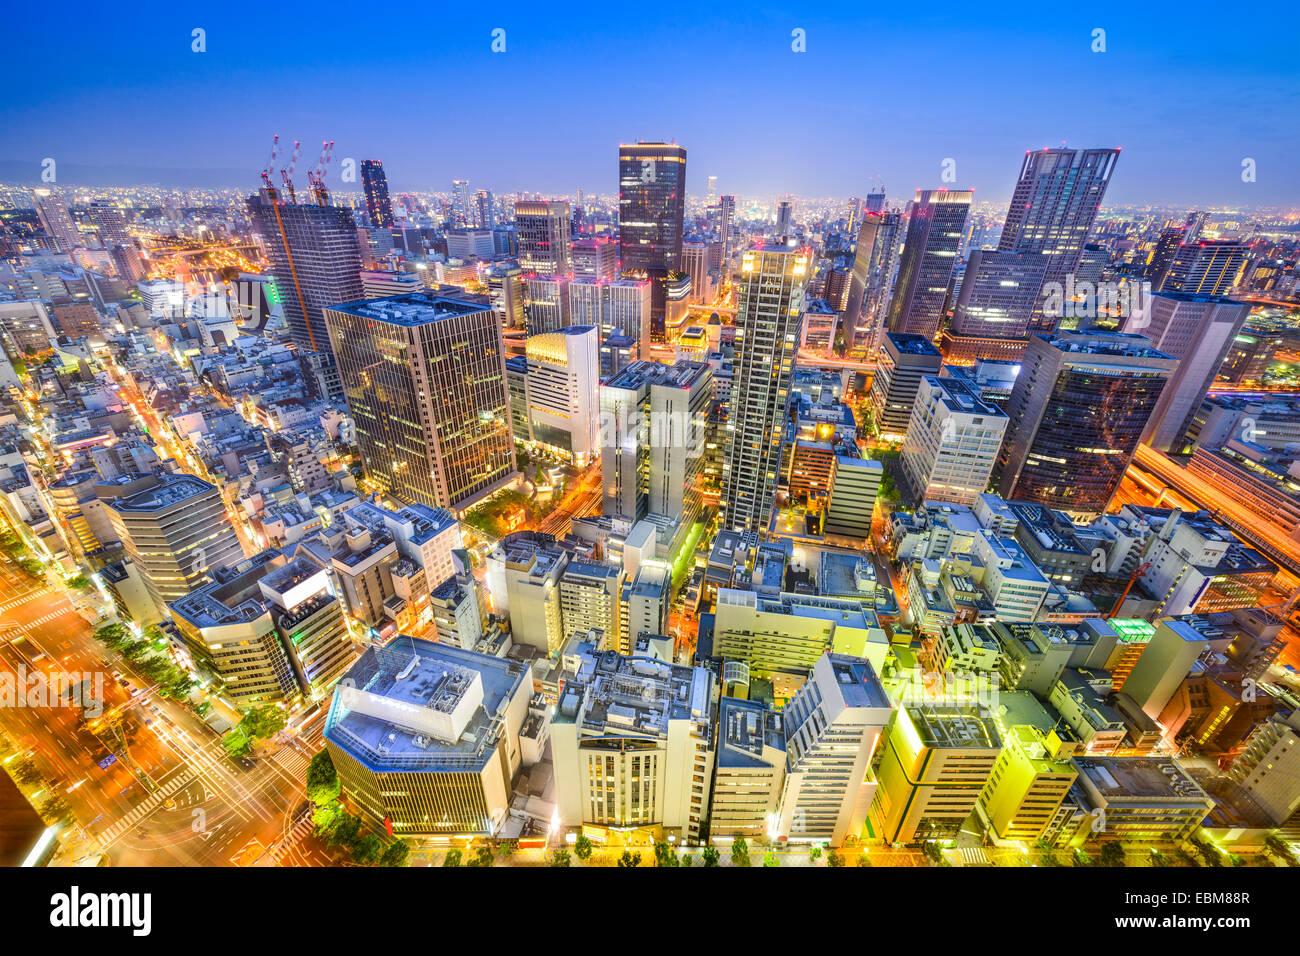 Osaka, Japón vista aérea de la ciudad en el distrito de Umeda. Imagen De Stock